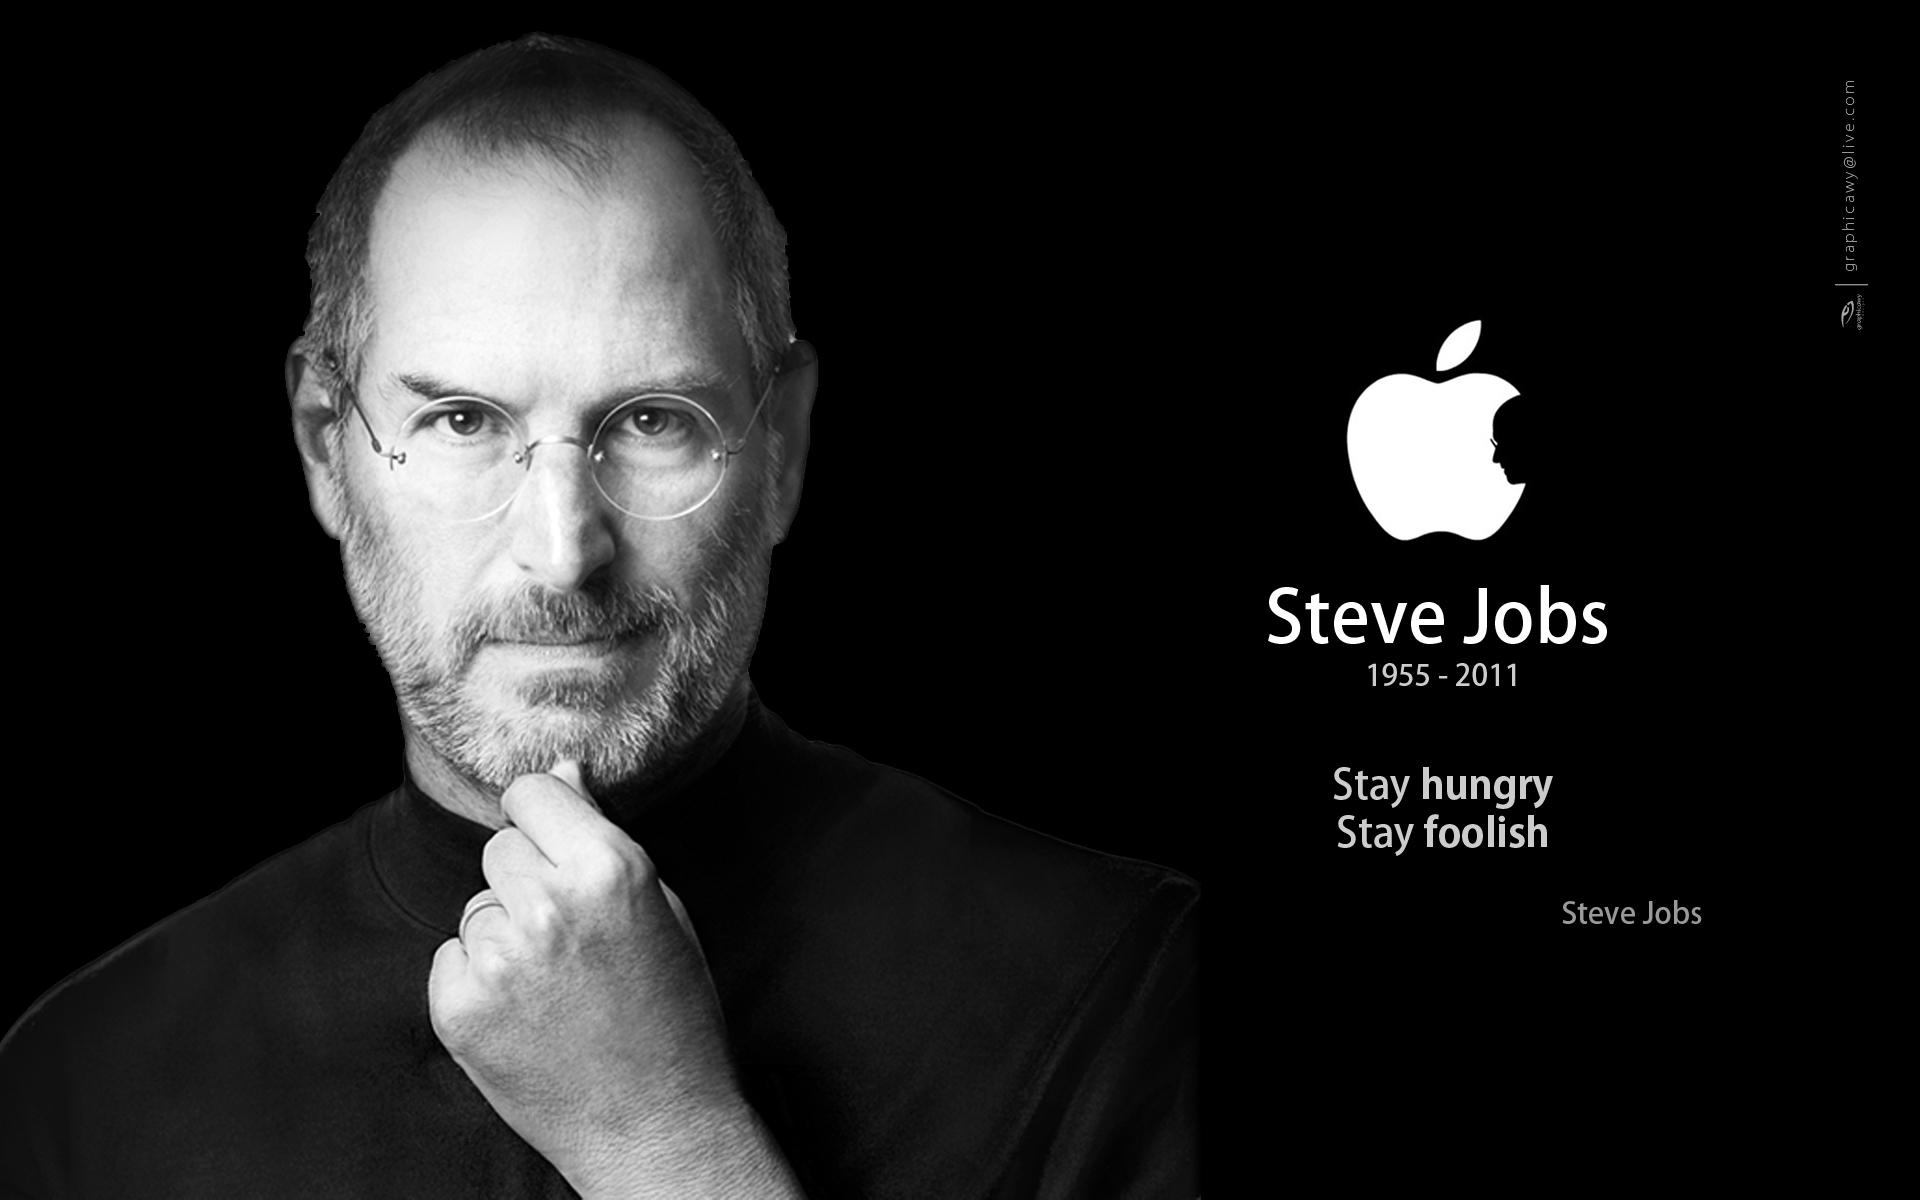 Biografi Singkat Steve Jobs, Si Jenius Bisnis Pendiri Apple Inc.